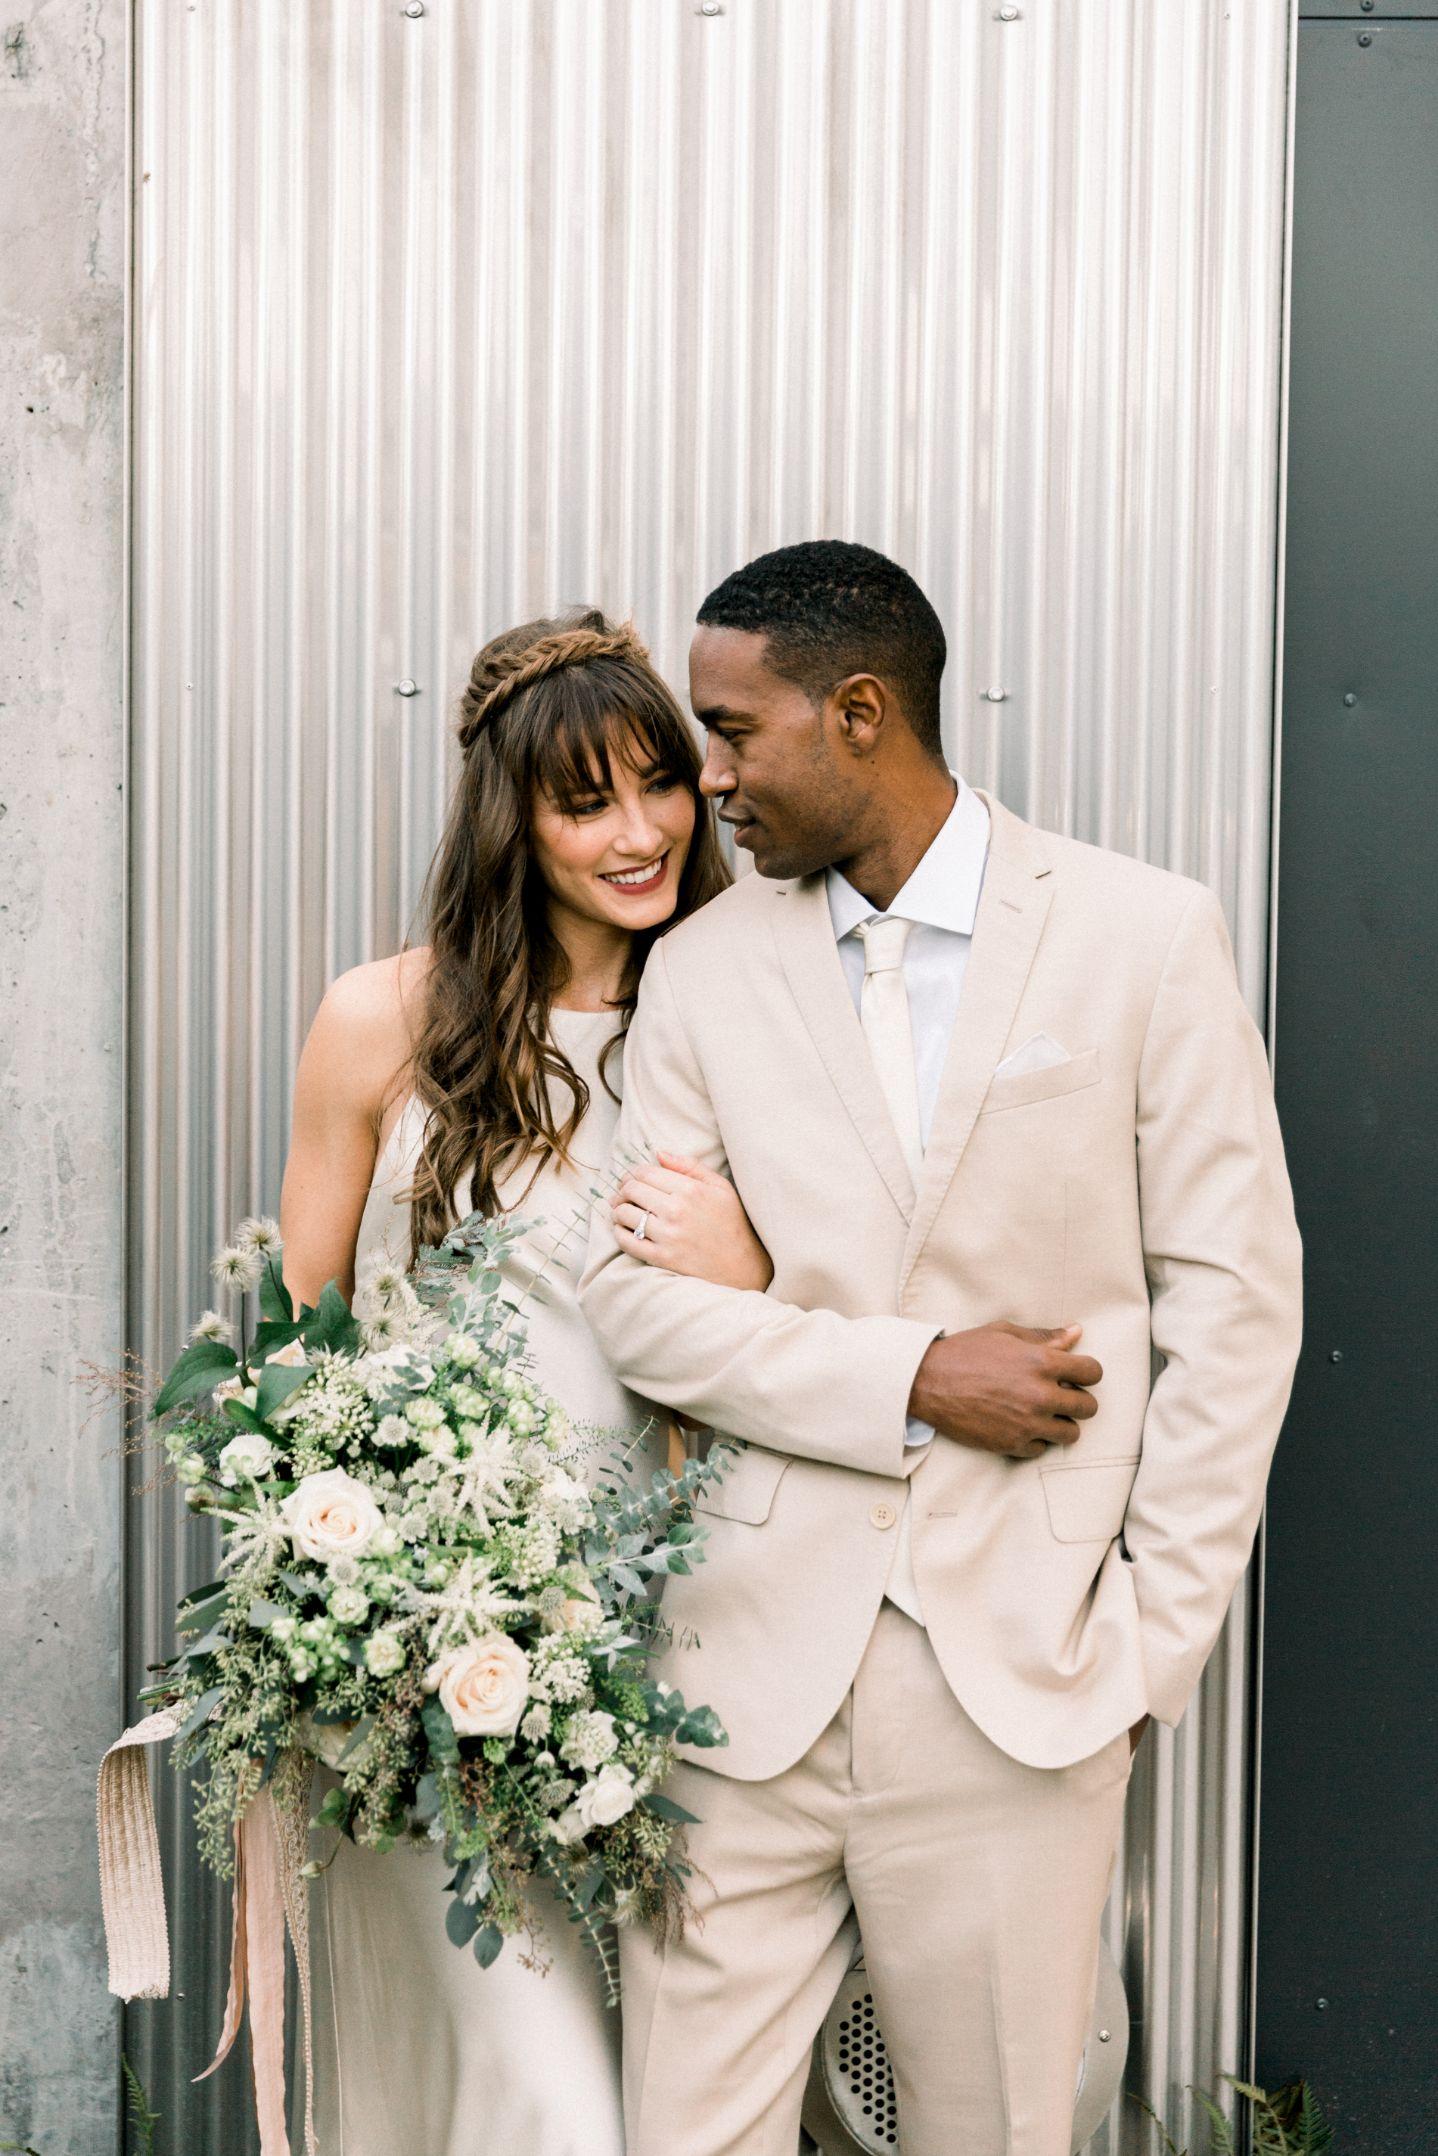 artists-for-humanity-industrial-bohemian-wedding-daylynn-designs102.jpg